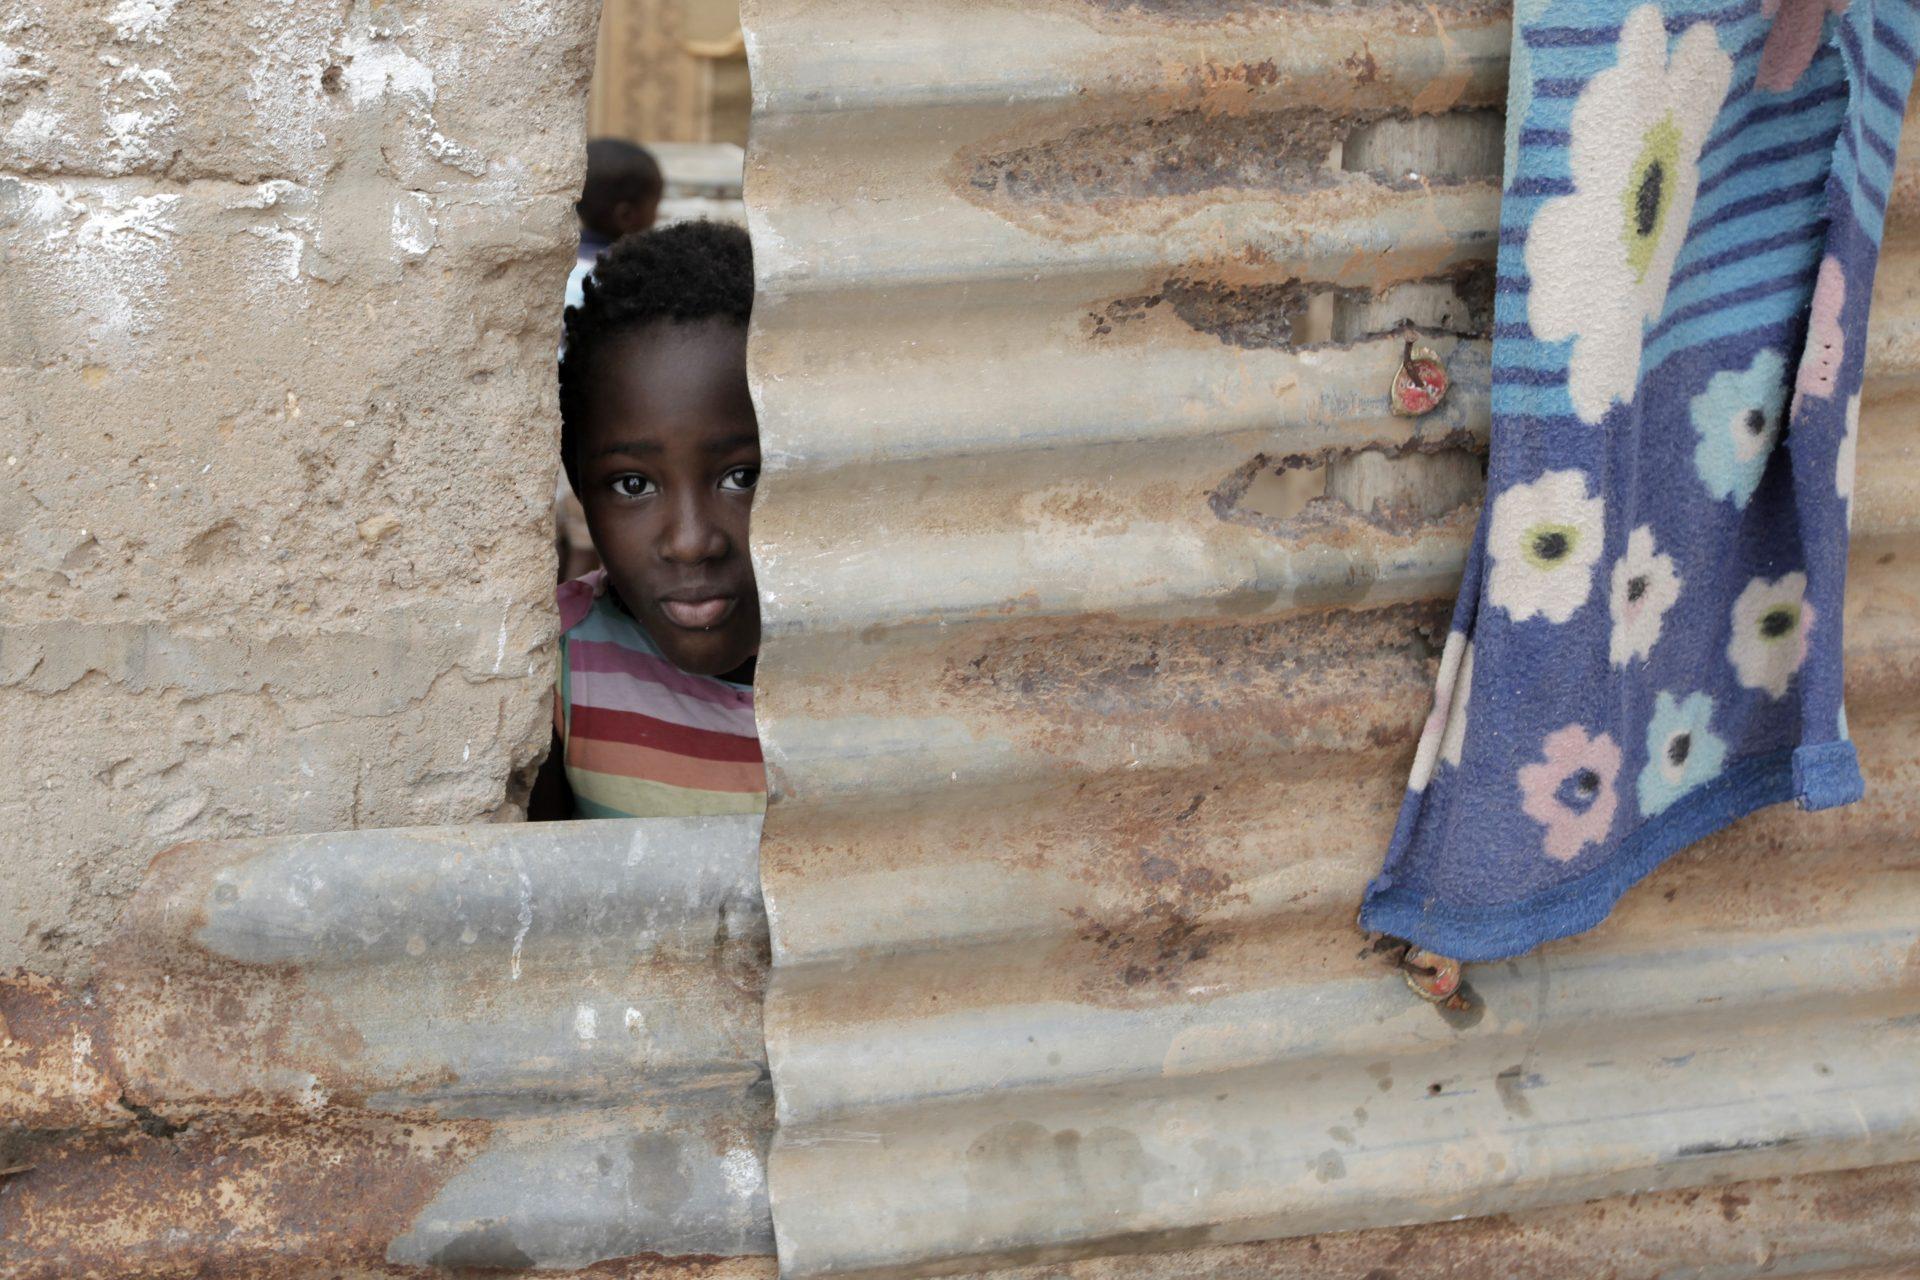 Uma criança espreita através das chapas de zinco usadas na construção de sua casa, no musseque de Zamba 2 que se estende até à cidade de Luanda, 2 novembro de 2015. Luanda é a capital de Angola, tem cerca de 6 milhões de habitantes a maior parte da população vive em bairros periféricos à cidade que é uma das cidades mais caras do mundo. PAULO CUNHA/LUSA